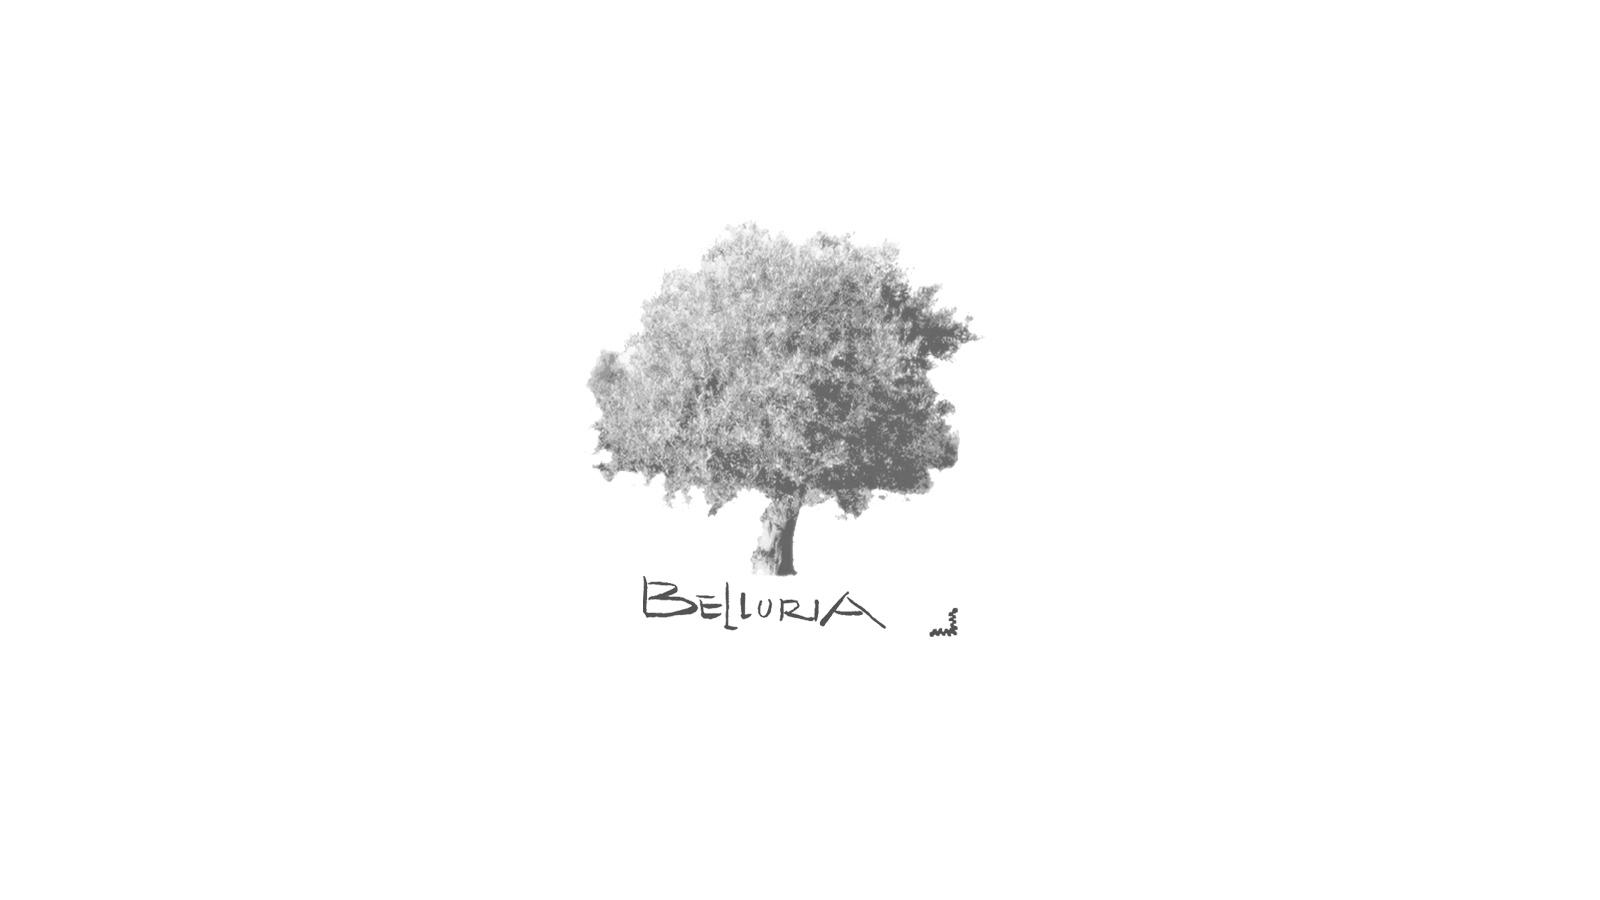 BELLURIA